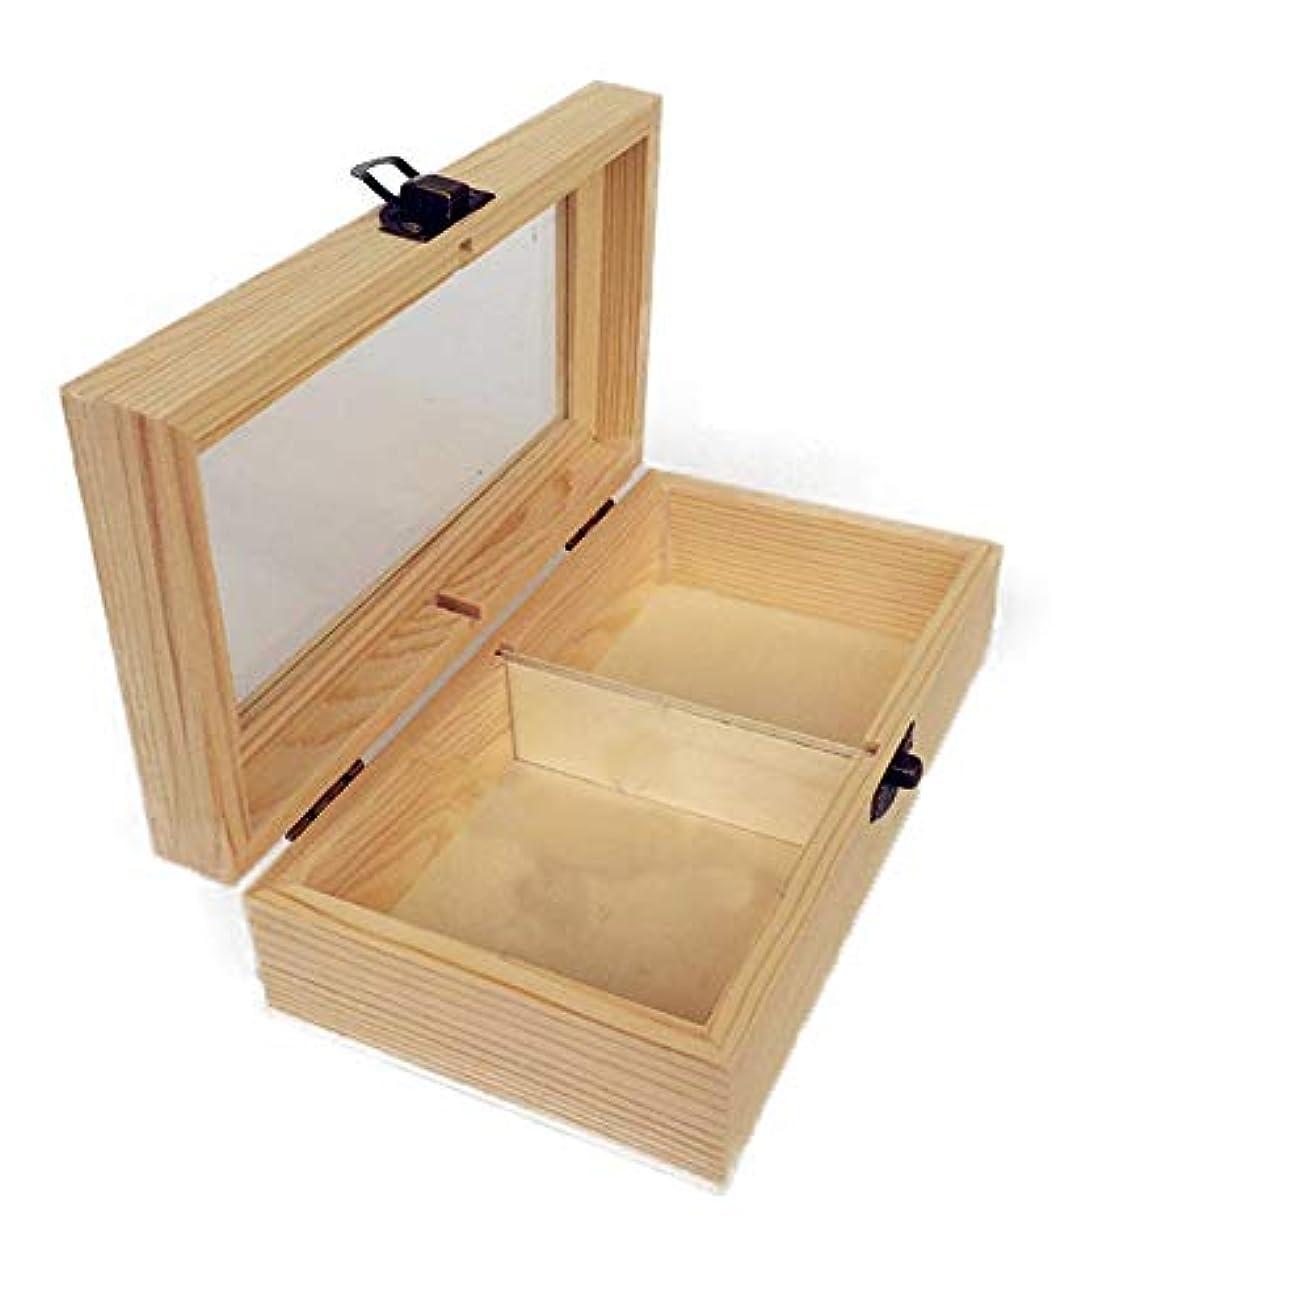 脅迫今風味エッセンシャルオイル収納ボックス プレゼンテーションのために手作りの木製ギフトボックスパーフェクトエッセンシャルオイルケースにエッセンシャルオイルは、被害太陽光からあなたの油を保護します (色 : Natural, サイズ...